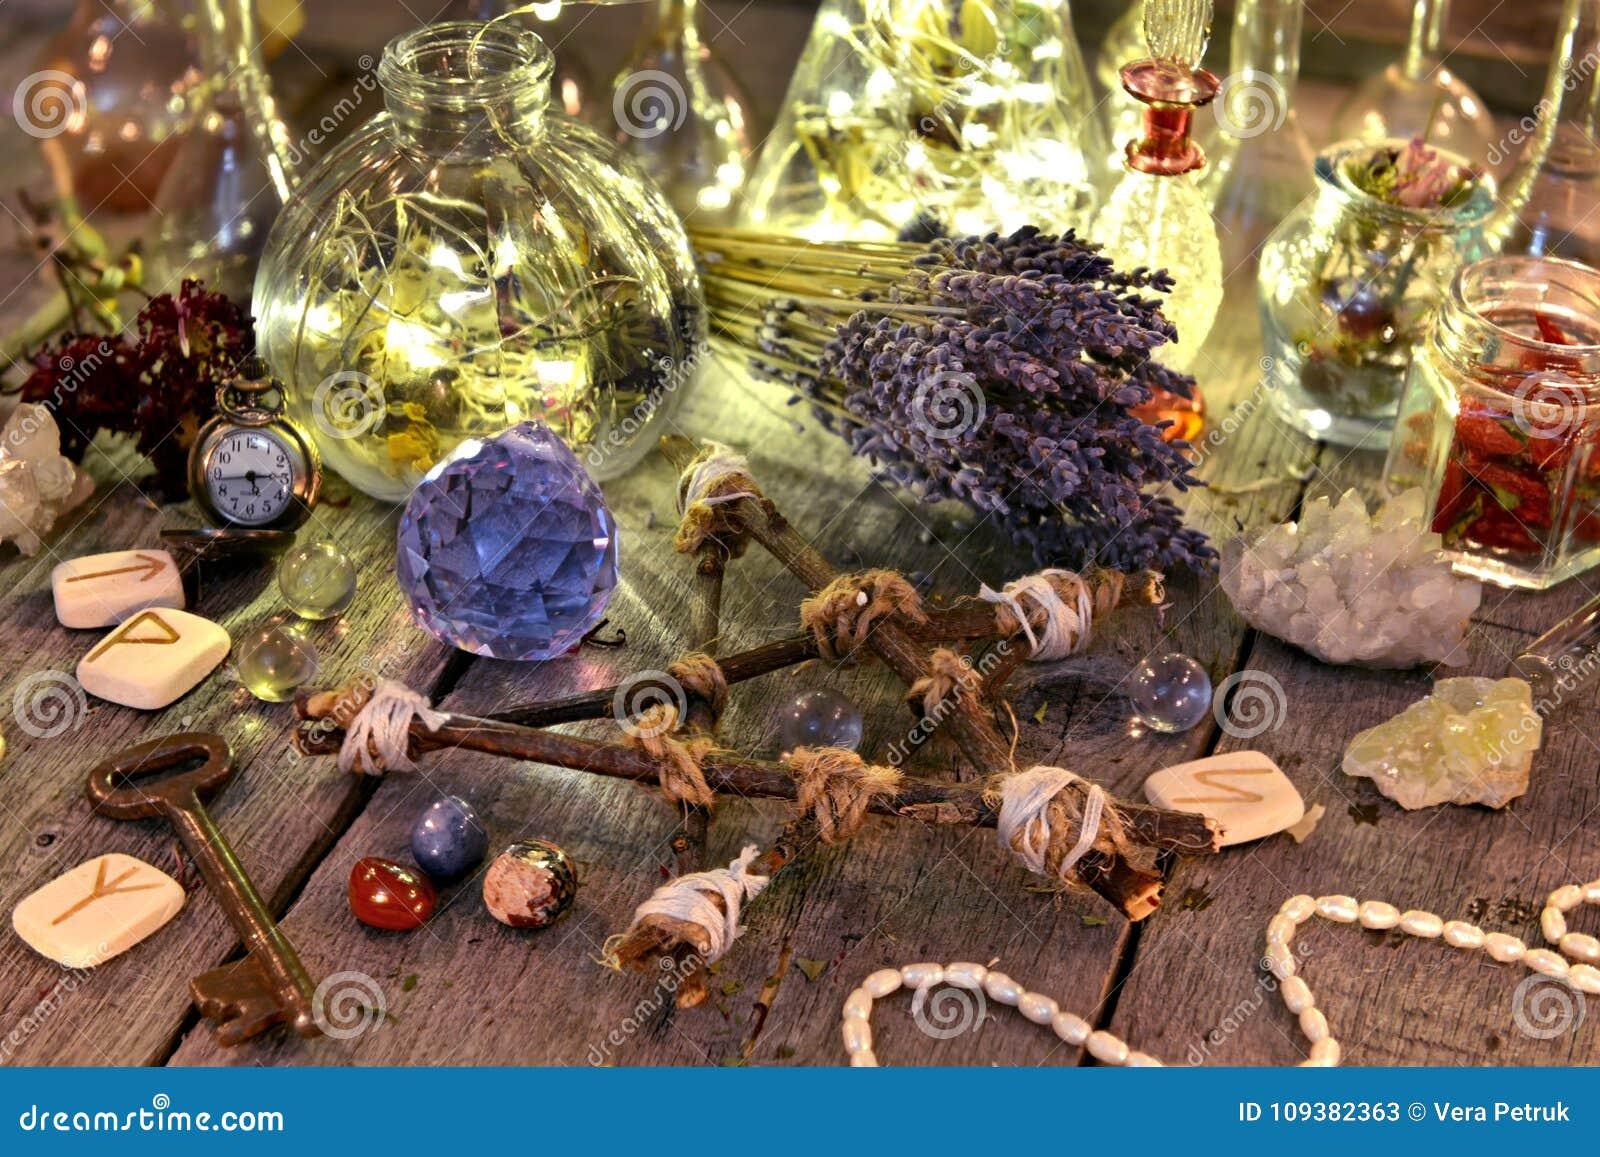 Η μαγική τελετουργική συλλογή με τα μπουκάλια, lavender ανθίζει, pentagram, ρούνοι και κρύσταλλα